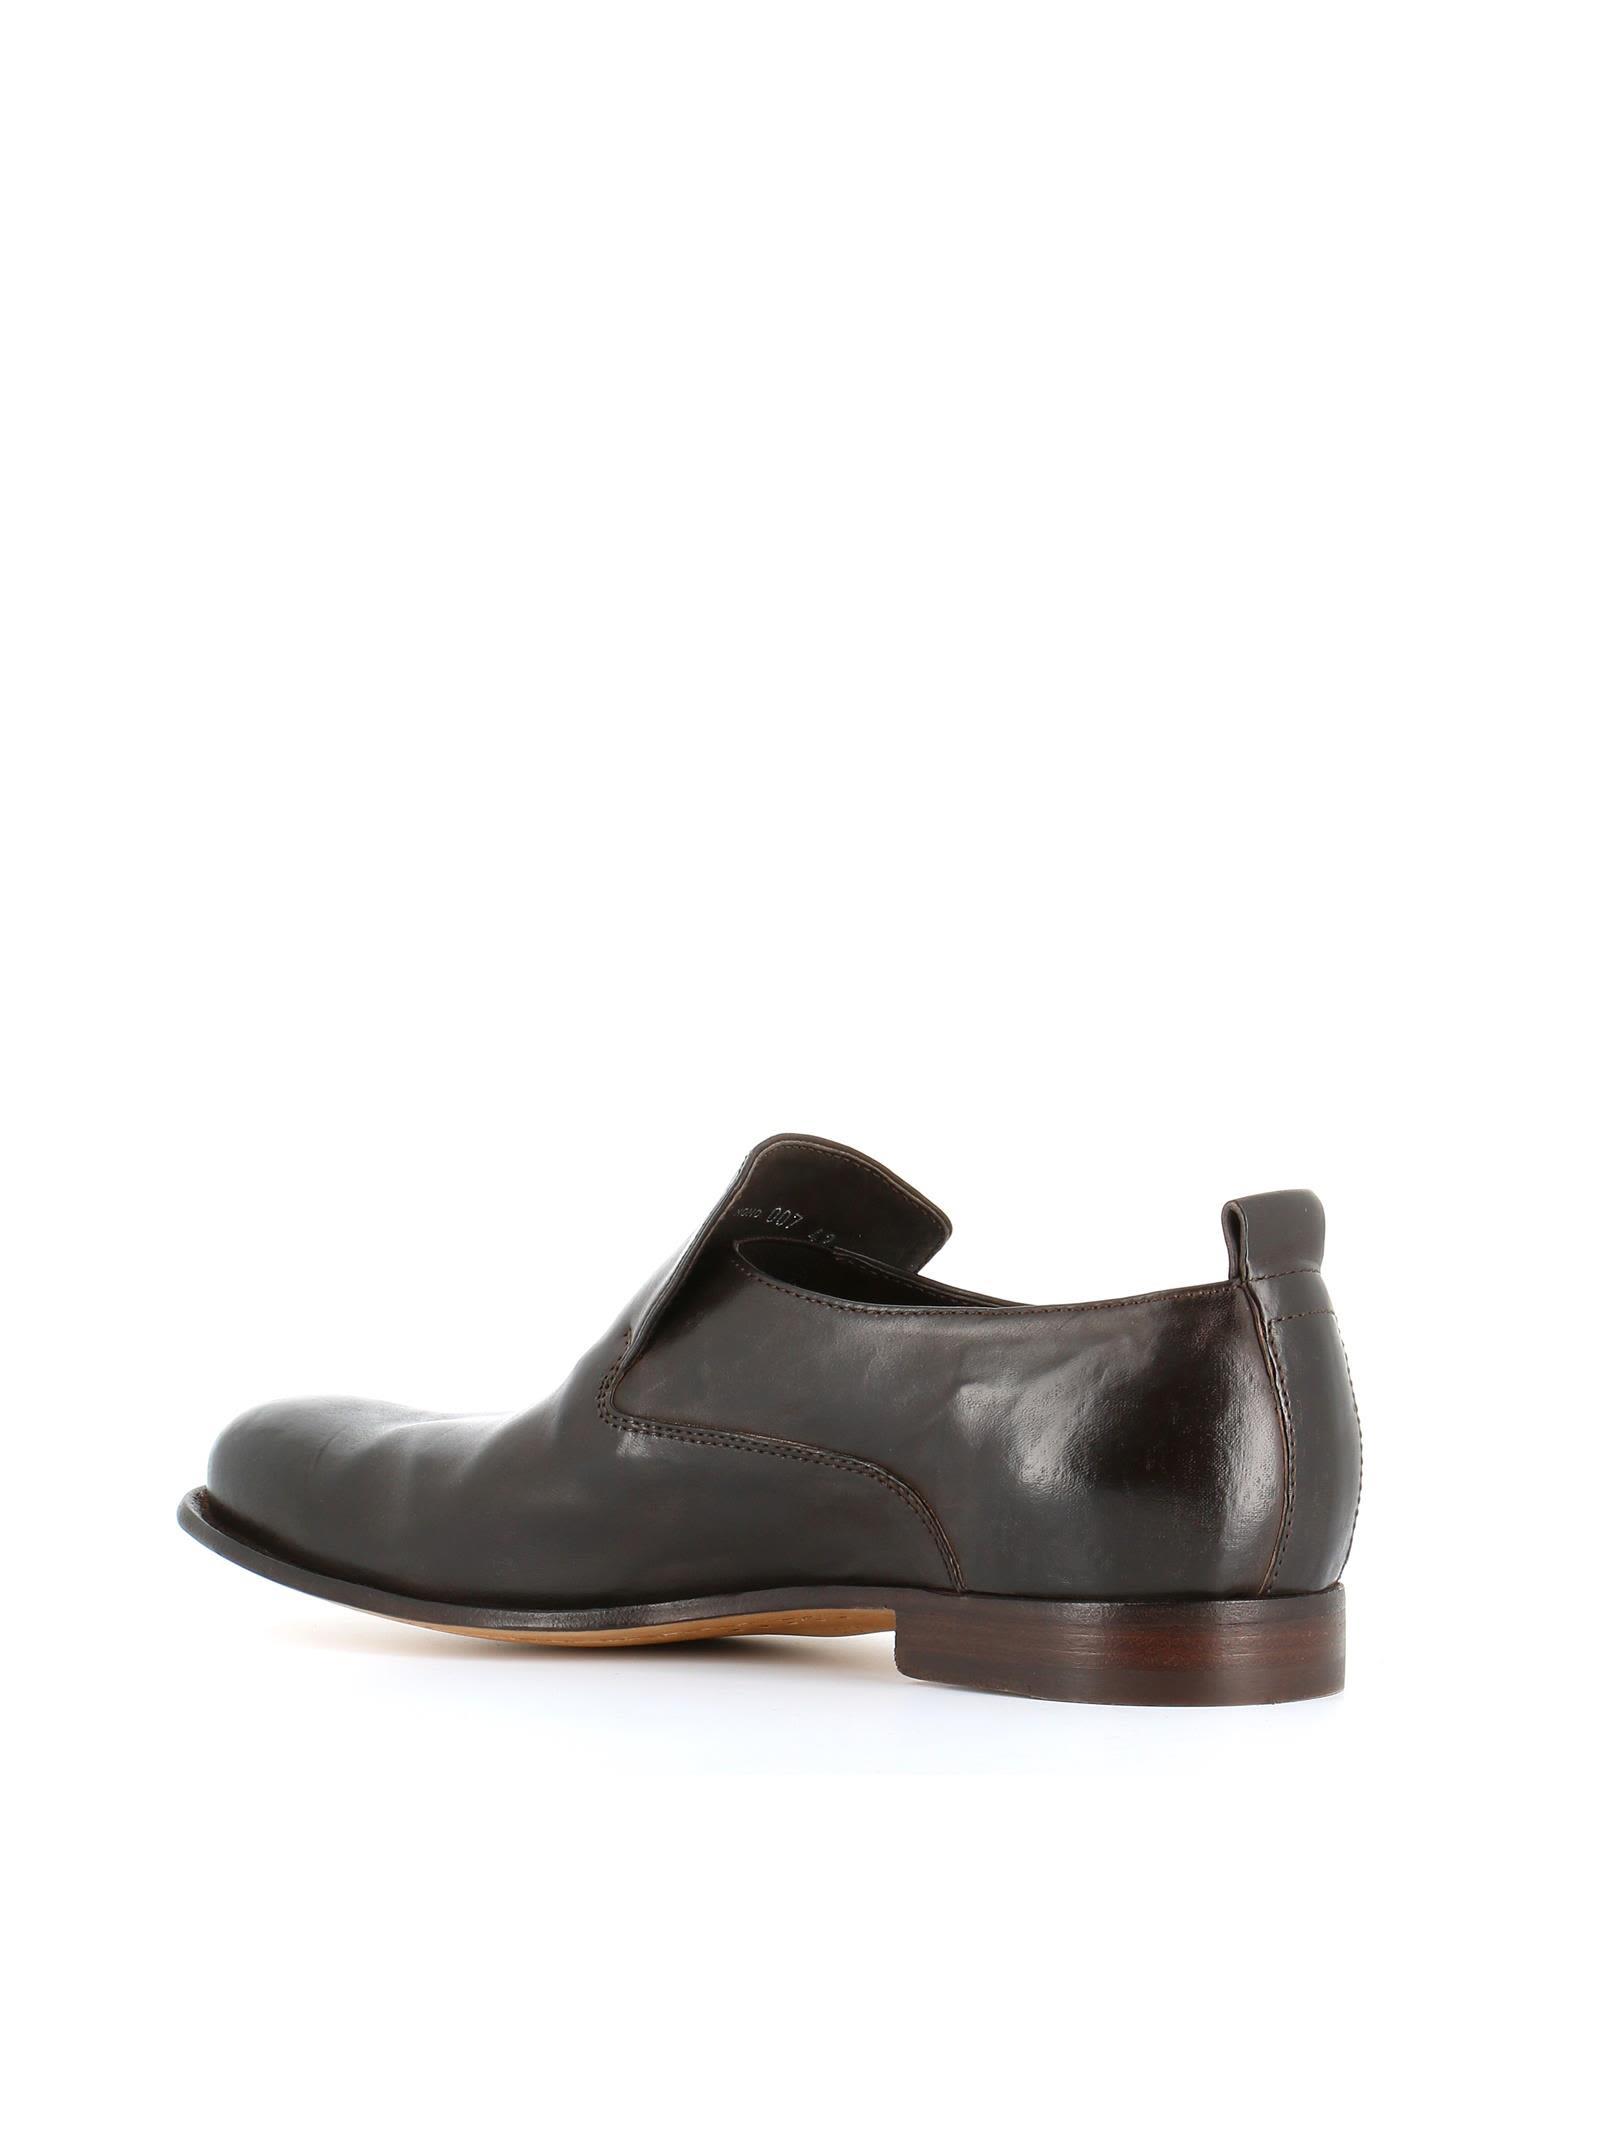 Créatif Officine Mono-007 Chaussures De Pantoufles Classiques BHPMJ6n623